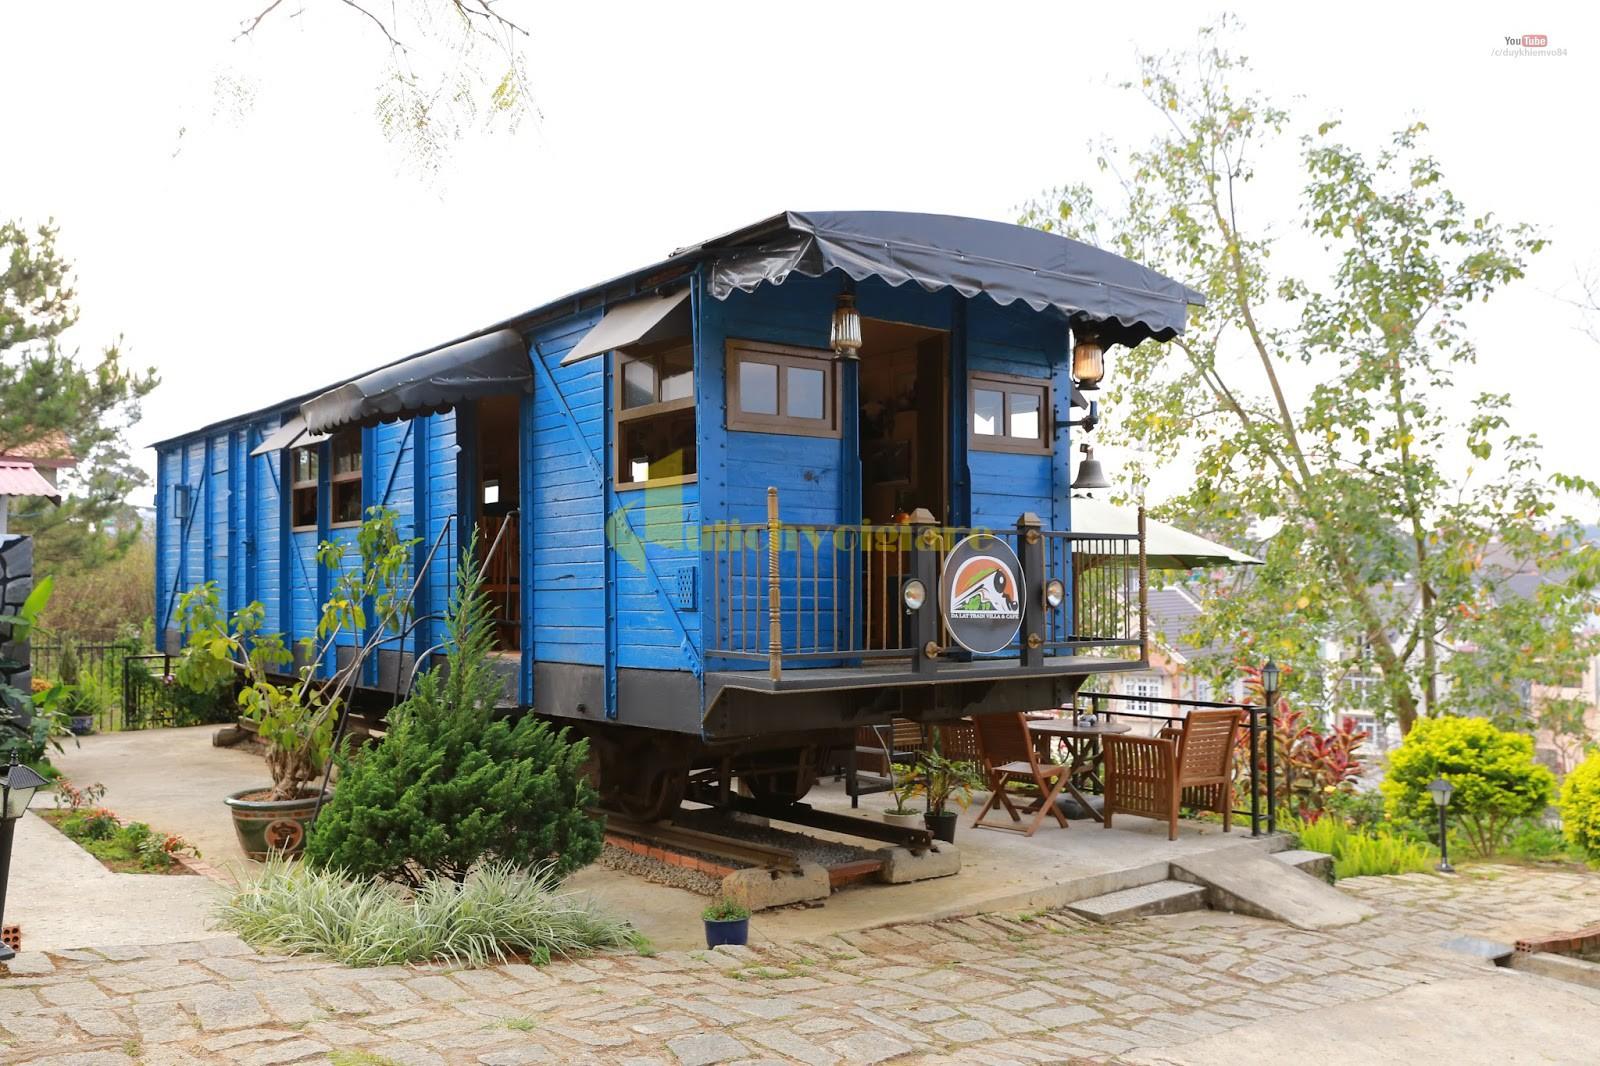 Dalat-Train-Villa-Cafe Dọc ngang Việt Nam, ghé thăm những quán cà phê chất ngất